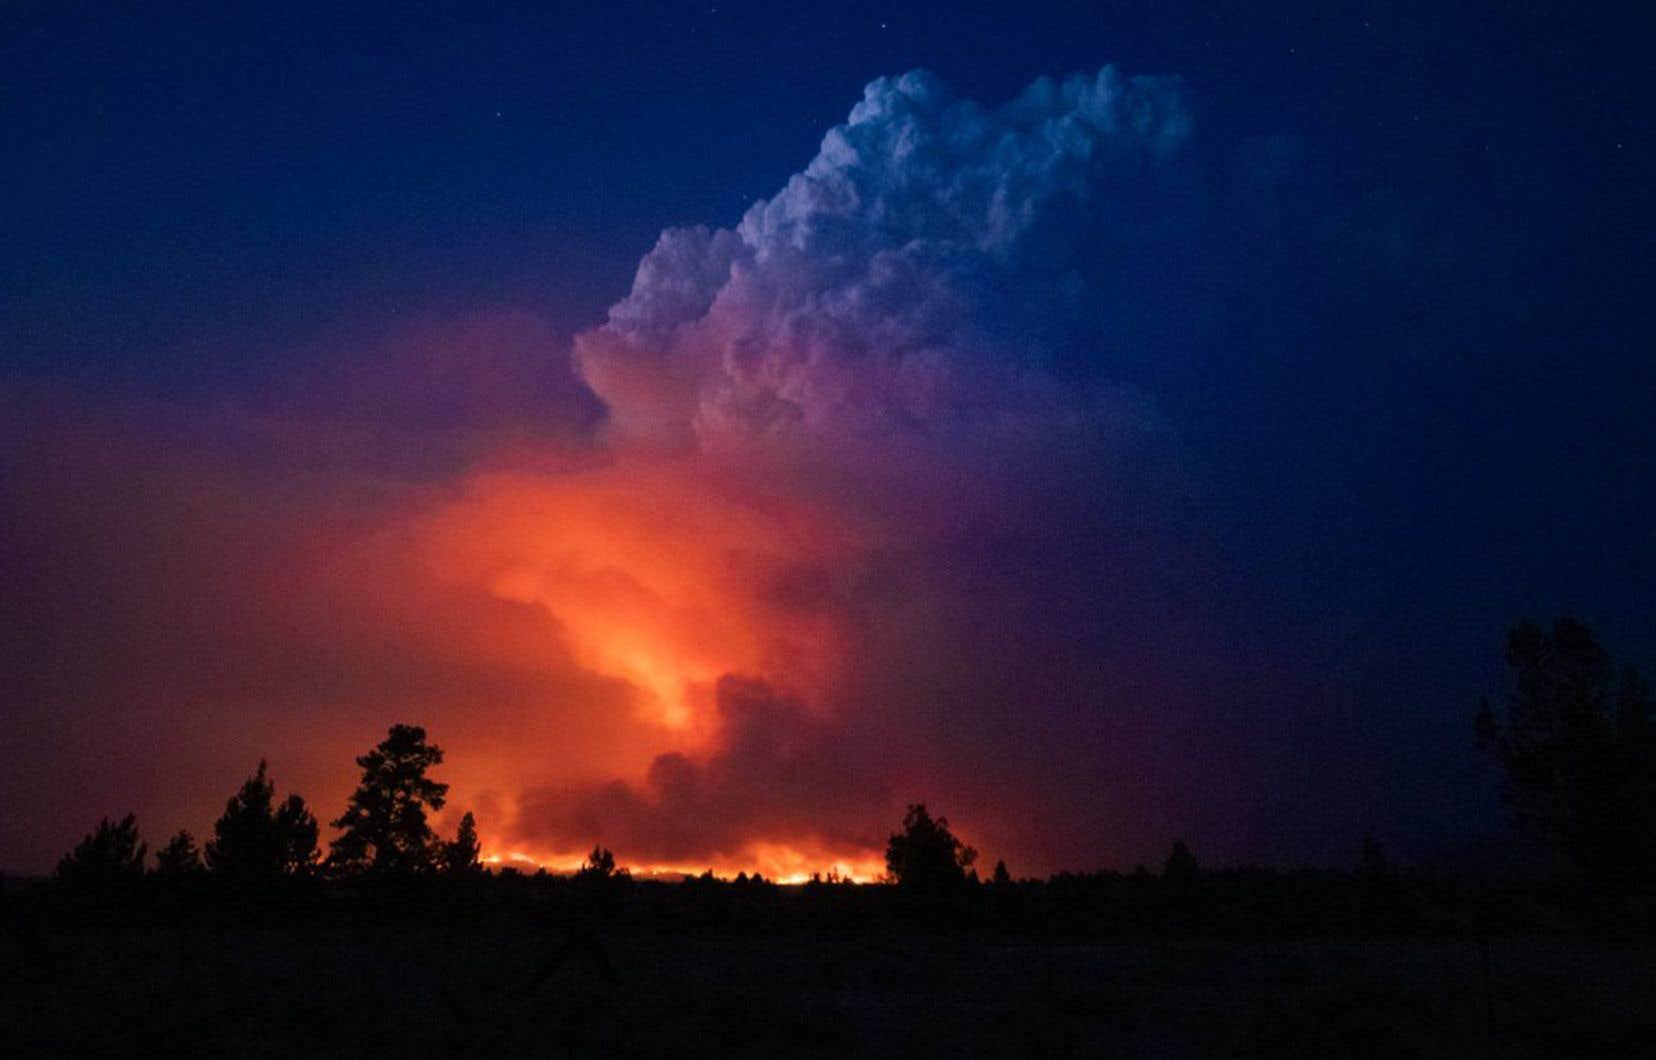 Très proche de la Californie, l'incendie dans le sud de l'Oregon menace aussi le réseau électrique de cet État et les autorités veulent à tout prix éviter que des millions de personnes soient plongées dans le noir, comme ce fut le cas les années précédentes.